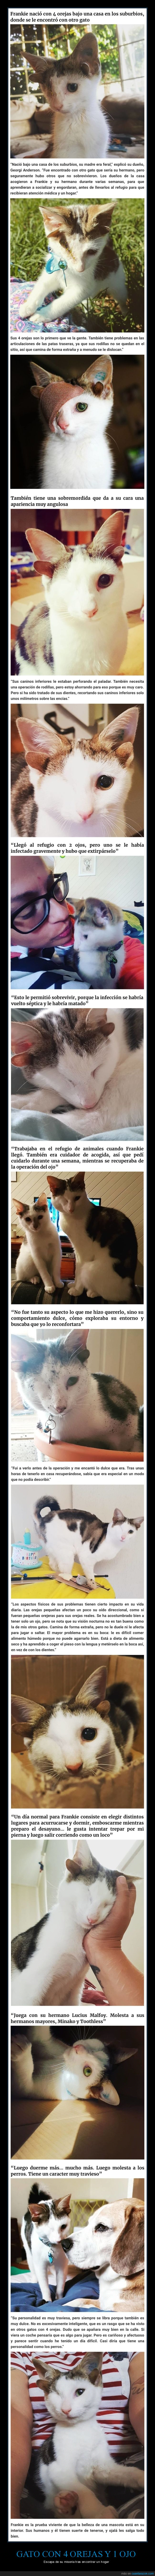 gato,ojo,orejas,rescatado